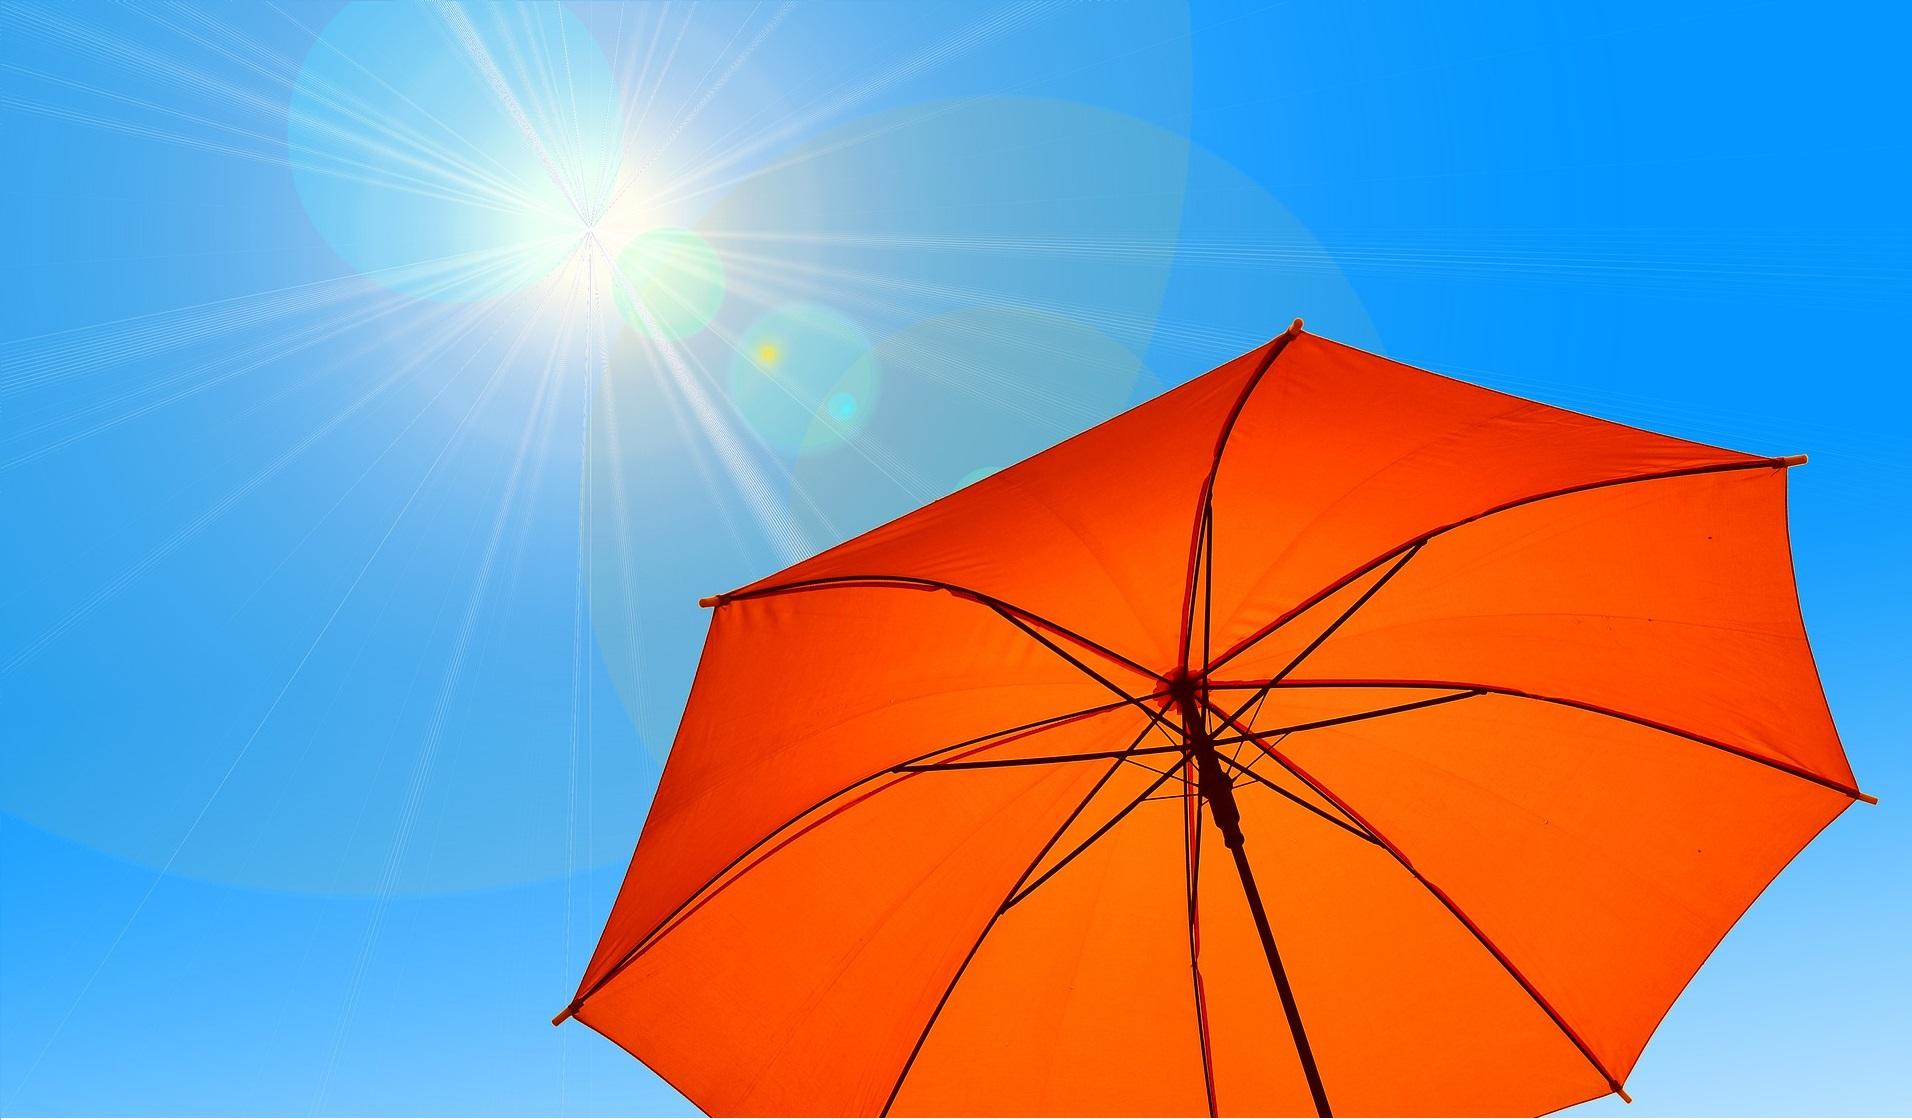 Euroopassa rikottiin kesällä lämpöennätyksiä